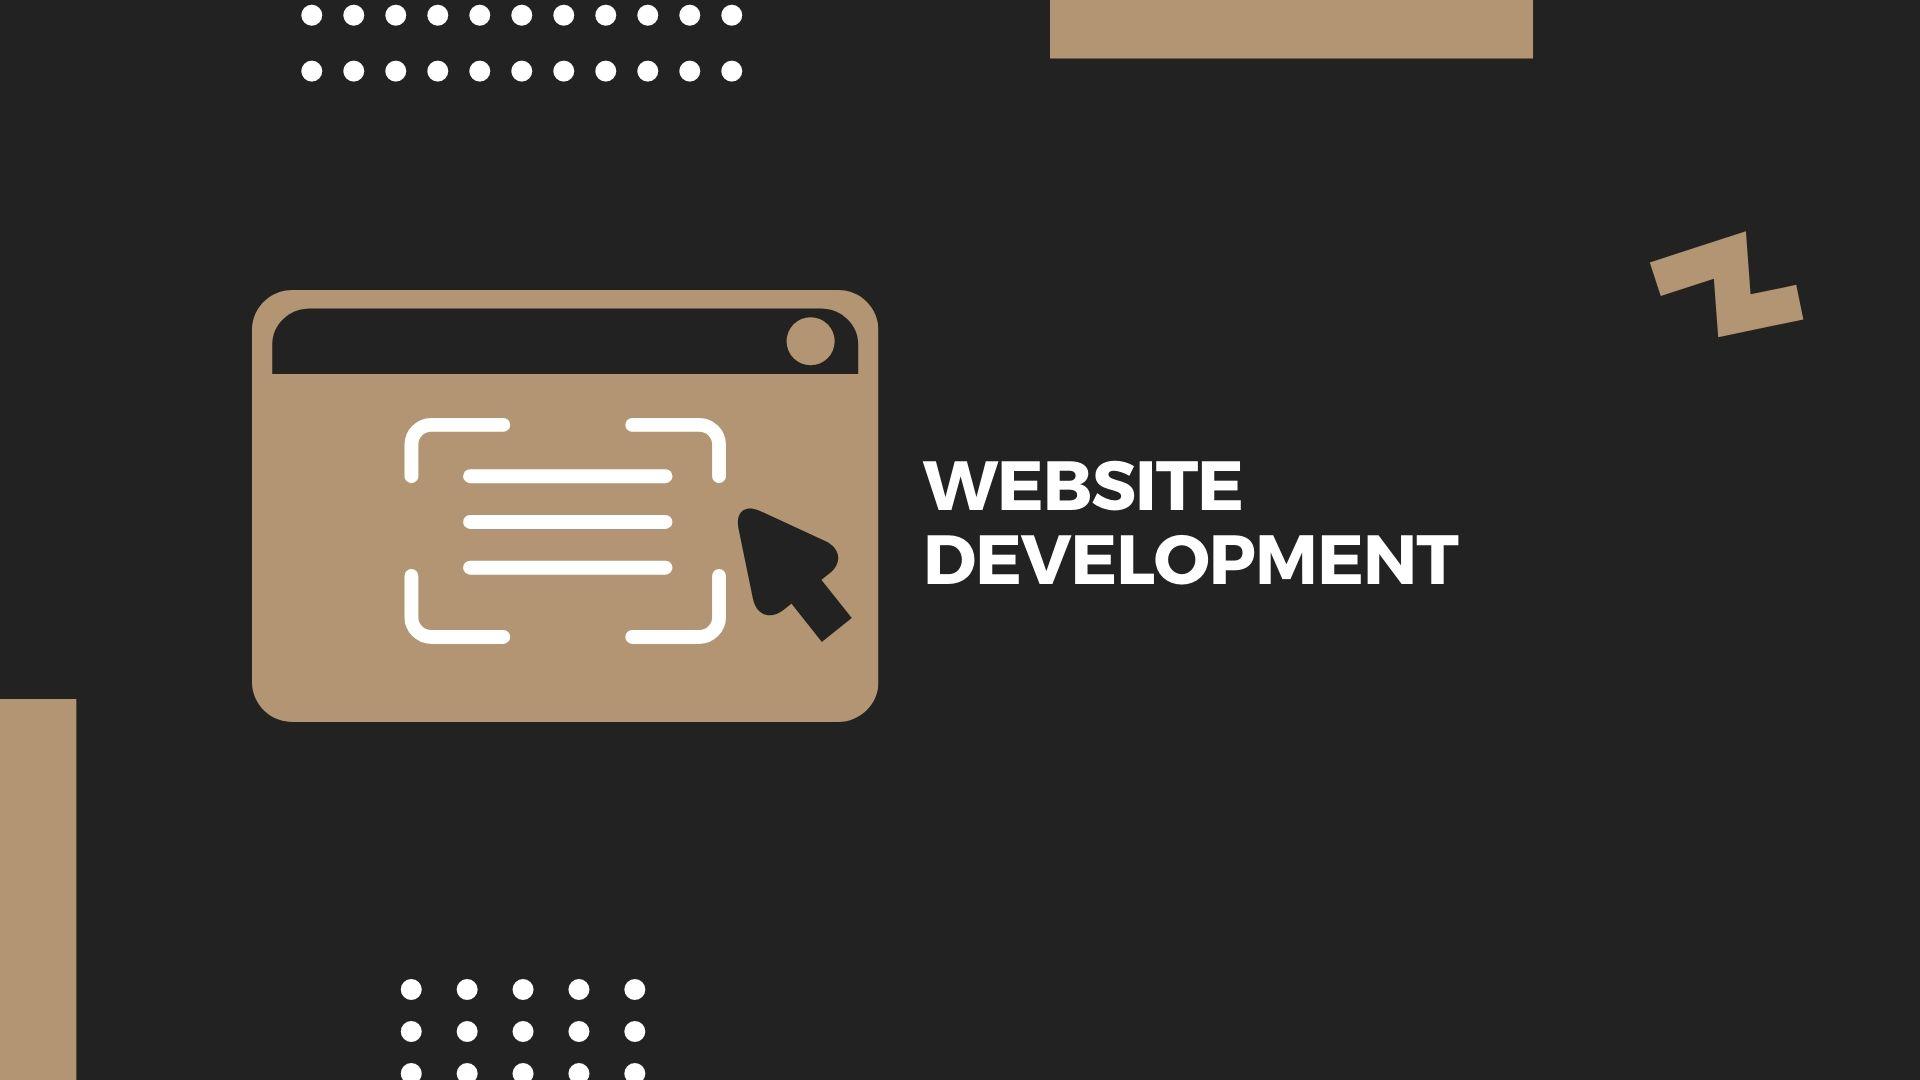 Cоздание и продвижение веб сайтов — 3 совета